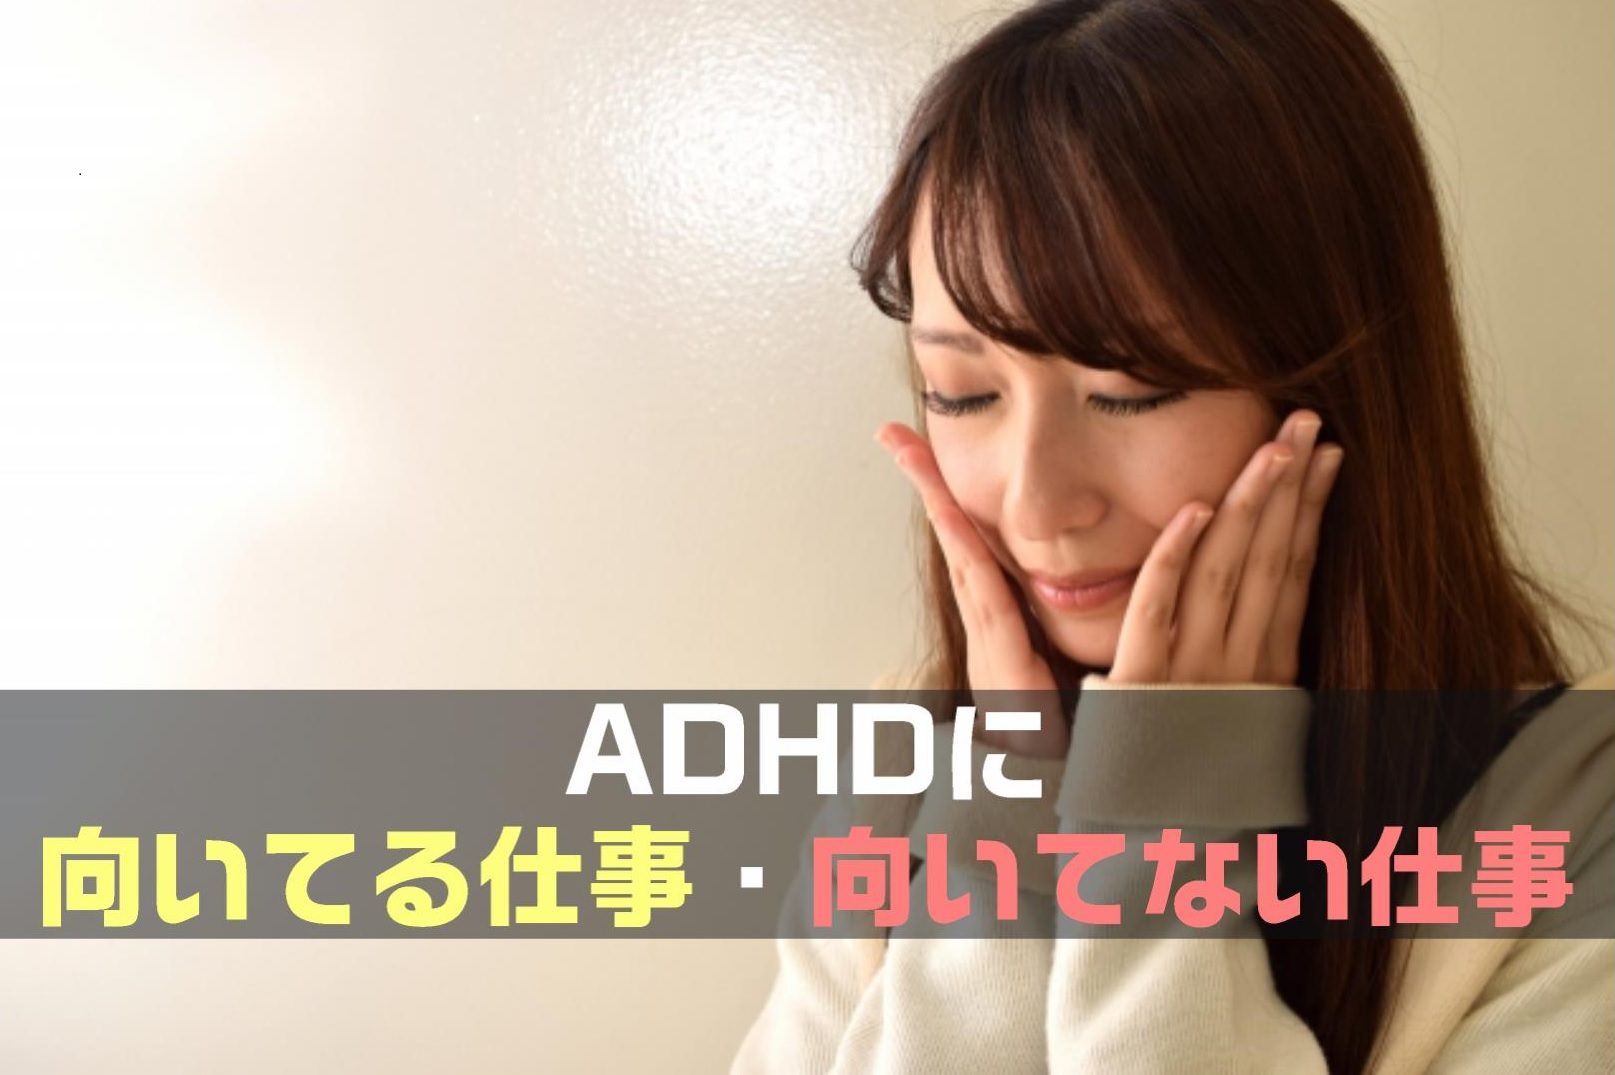 【保存版】ADHDに向いている仕事・向いてない仕事|特徴と傾向